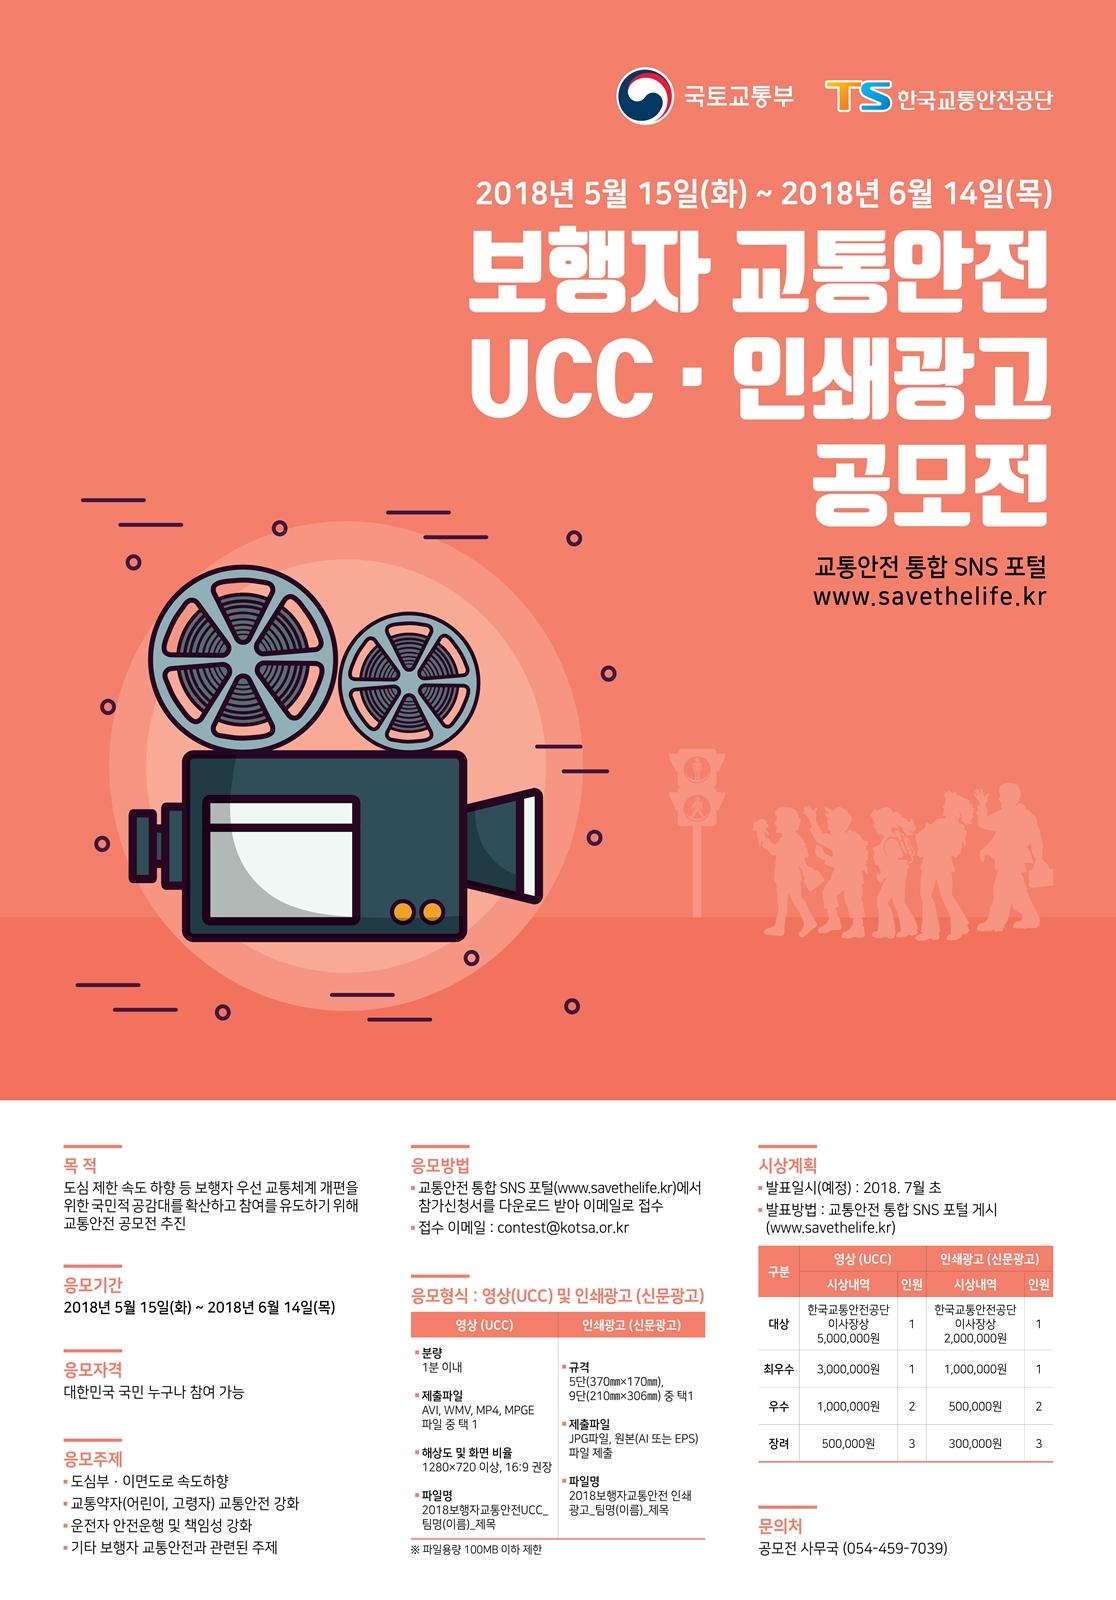 보행자 교통안전 UCCㆍ인쇄광고 공모전